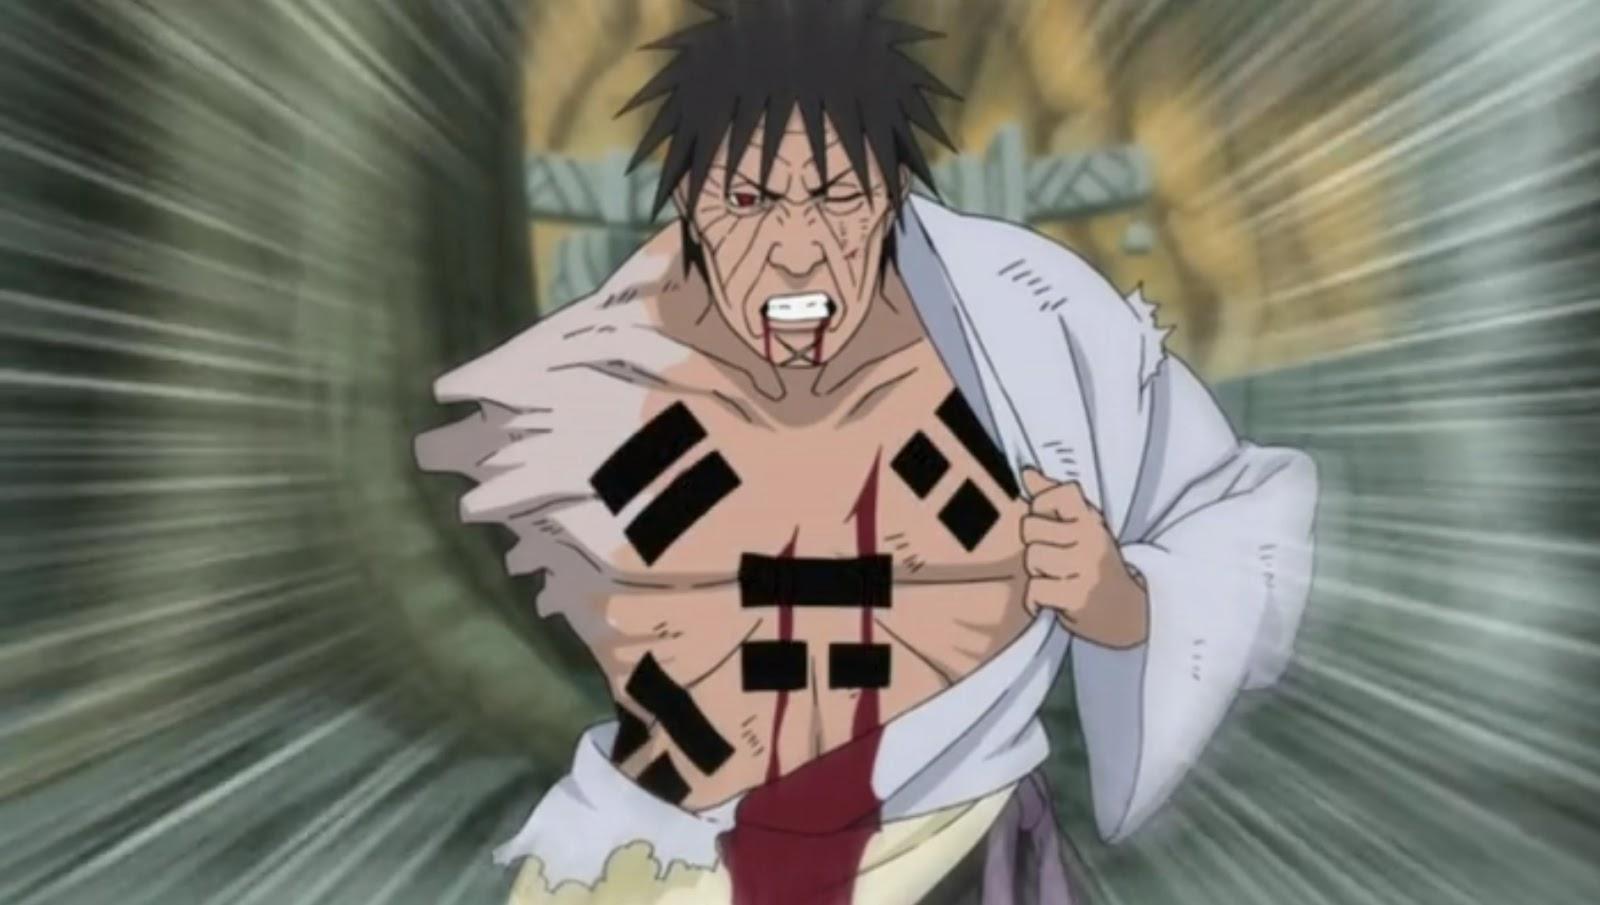 Naruto Shippuden Episódio 211, Assistir Naruto Shippuden Episódio 211, Assistir Naruto Shippuden Todos os Episódios Legendado, Naruto Shippuden episódio 211,HD